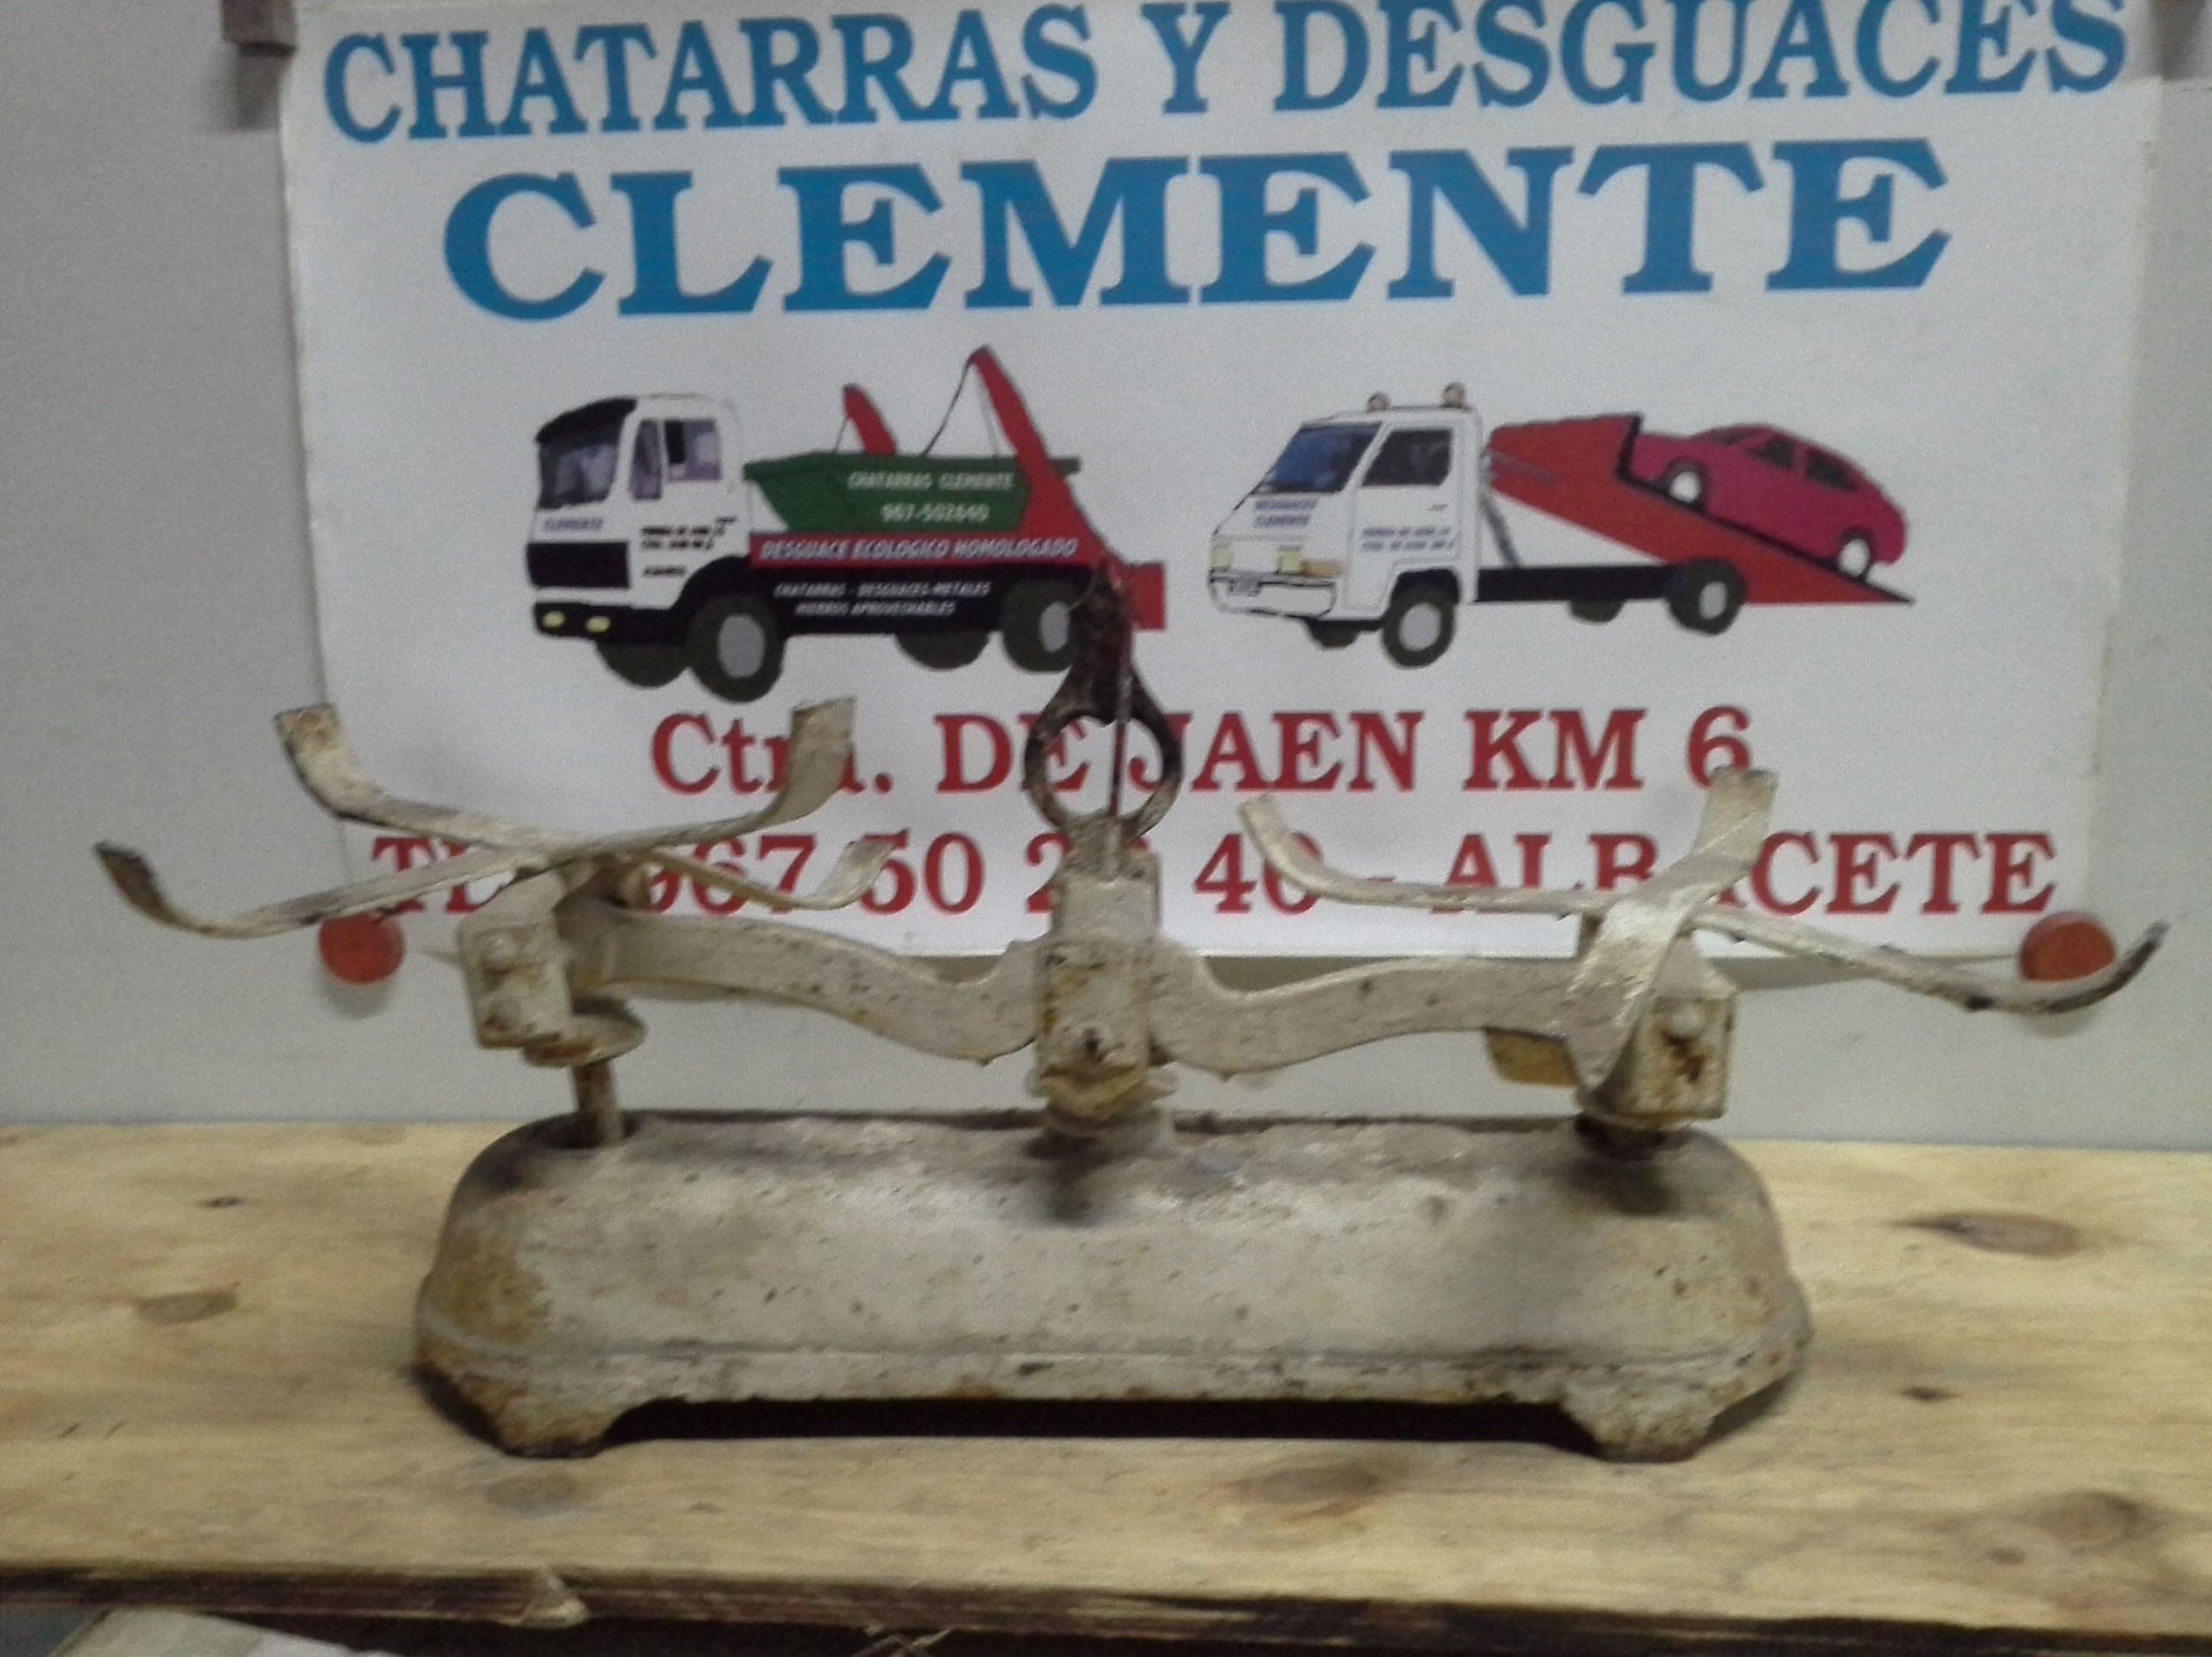 Balanza antigua en chatarras clemente de Albacete